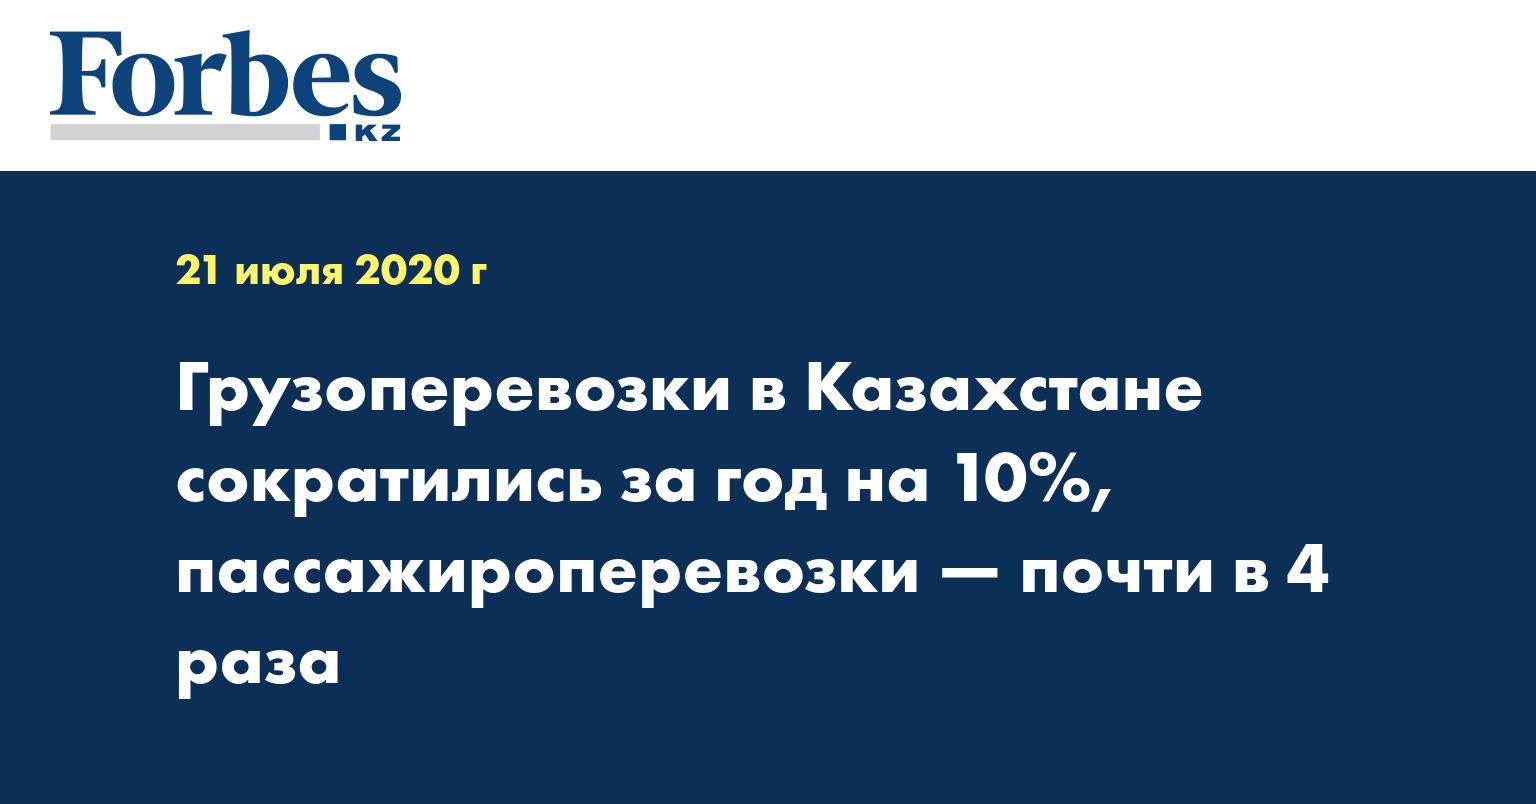 Грузоперевозки в Казахстане сократились за год на 10%, пассажироперевозки — почти в 4 раза